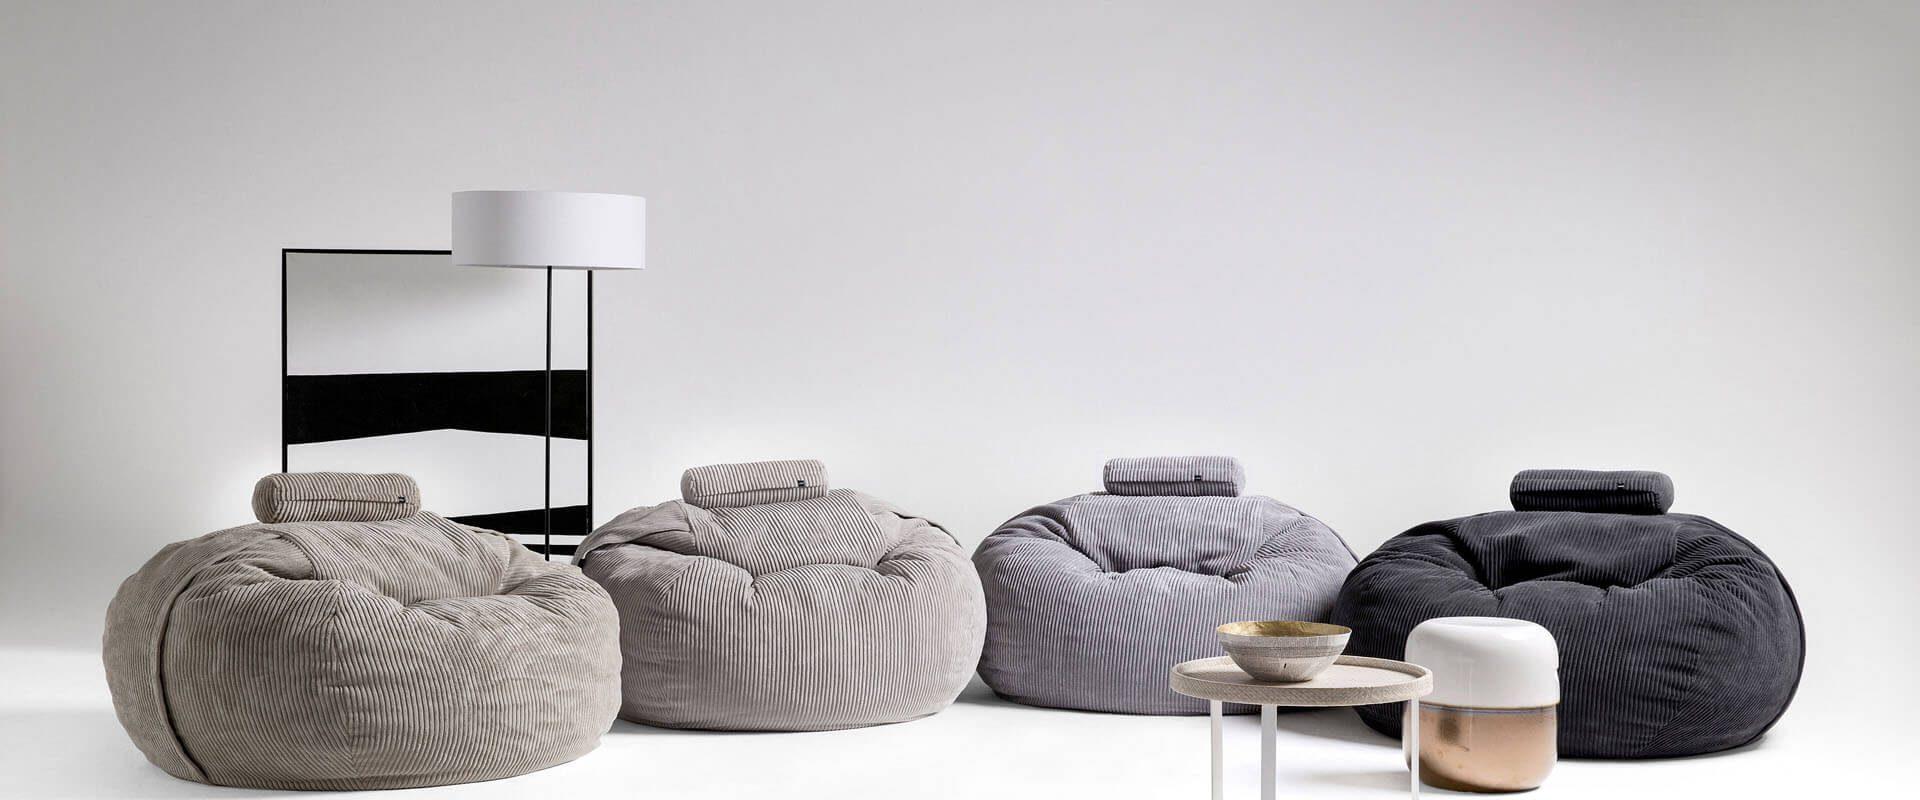 Lounge Sitzsack Für 100 Entspannung Jetzt Online Kaufen Satamo